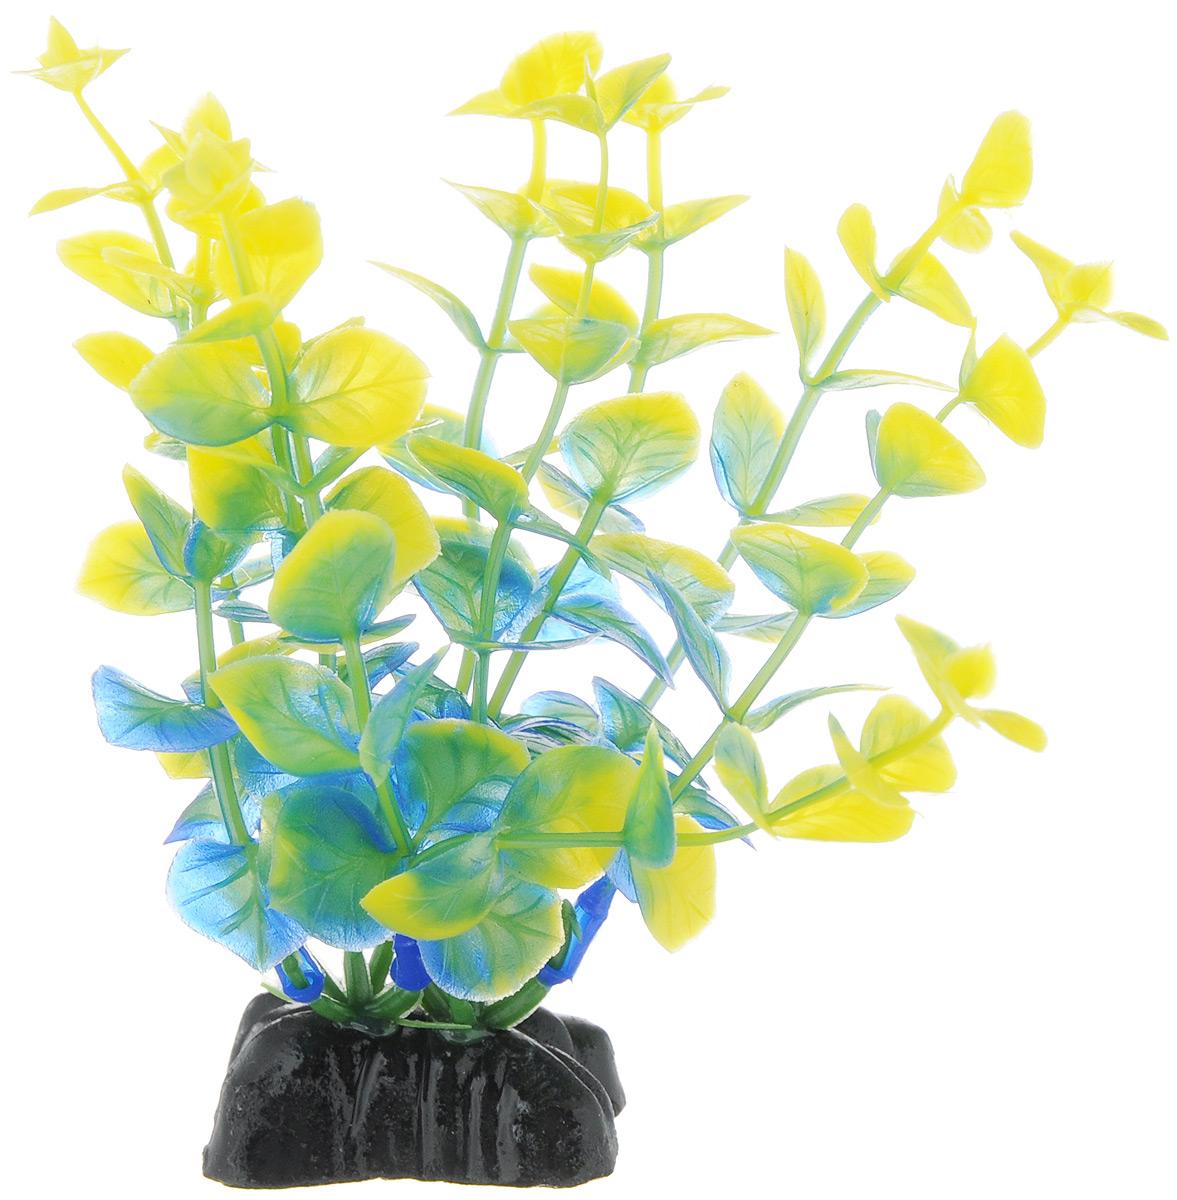 """Растение для аквариума Barbus """"Бакопа"""", пластиковое, цвет: синий, зеленый, желтый, высота 10 см"""